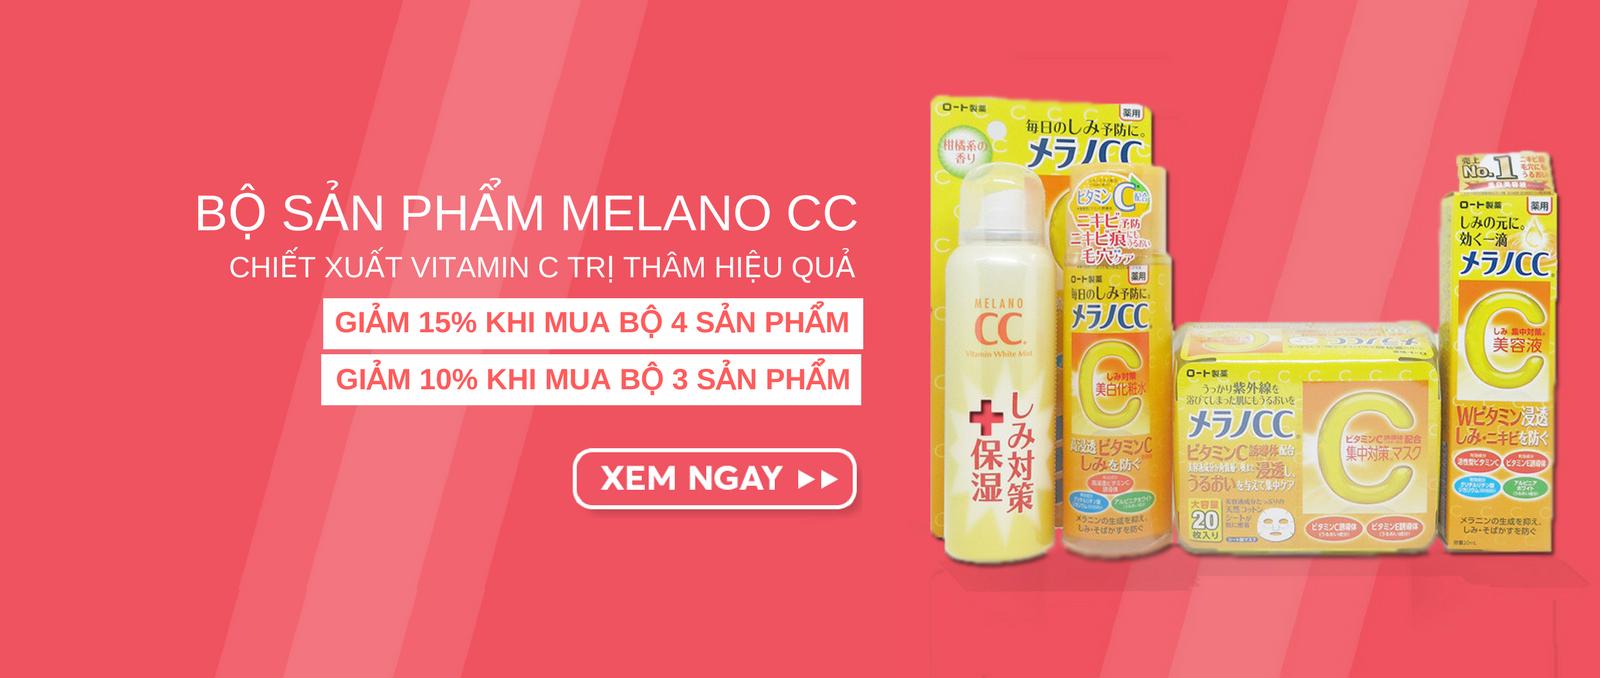 Khuyến mãi giảm 15% khi mua bộ 4 sản phẩm Melano CC